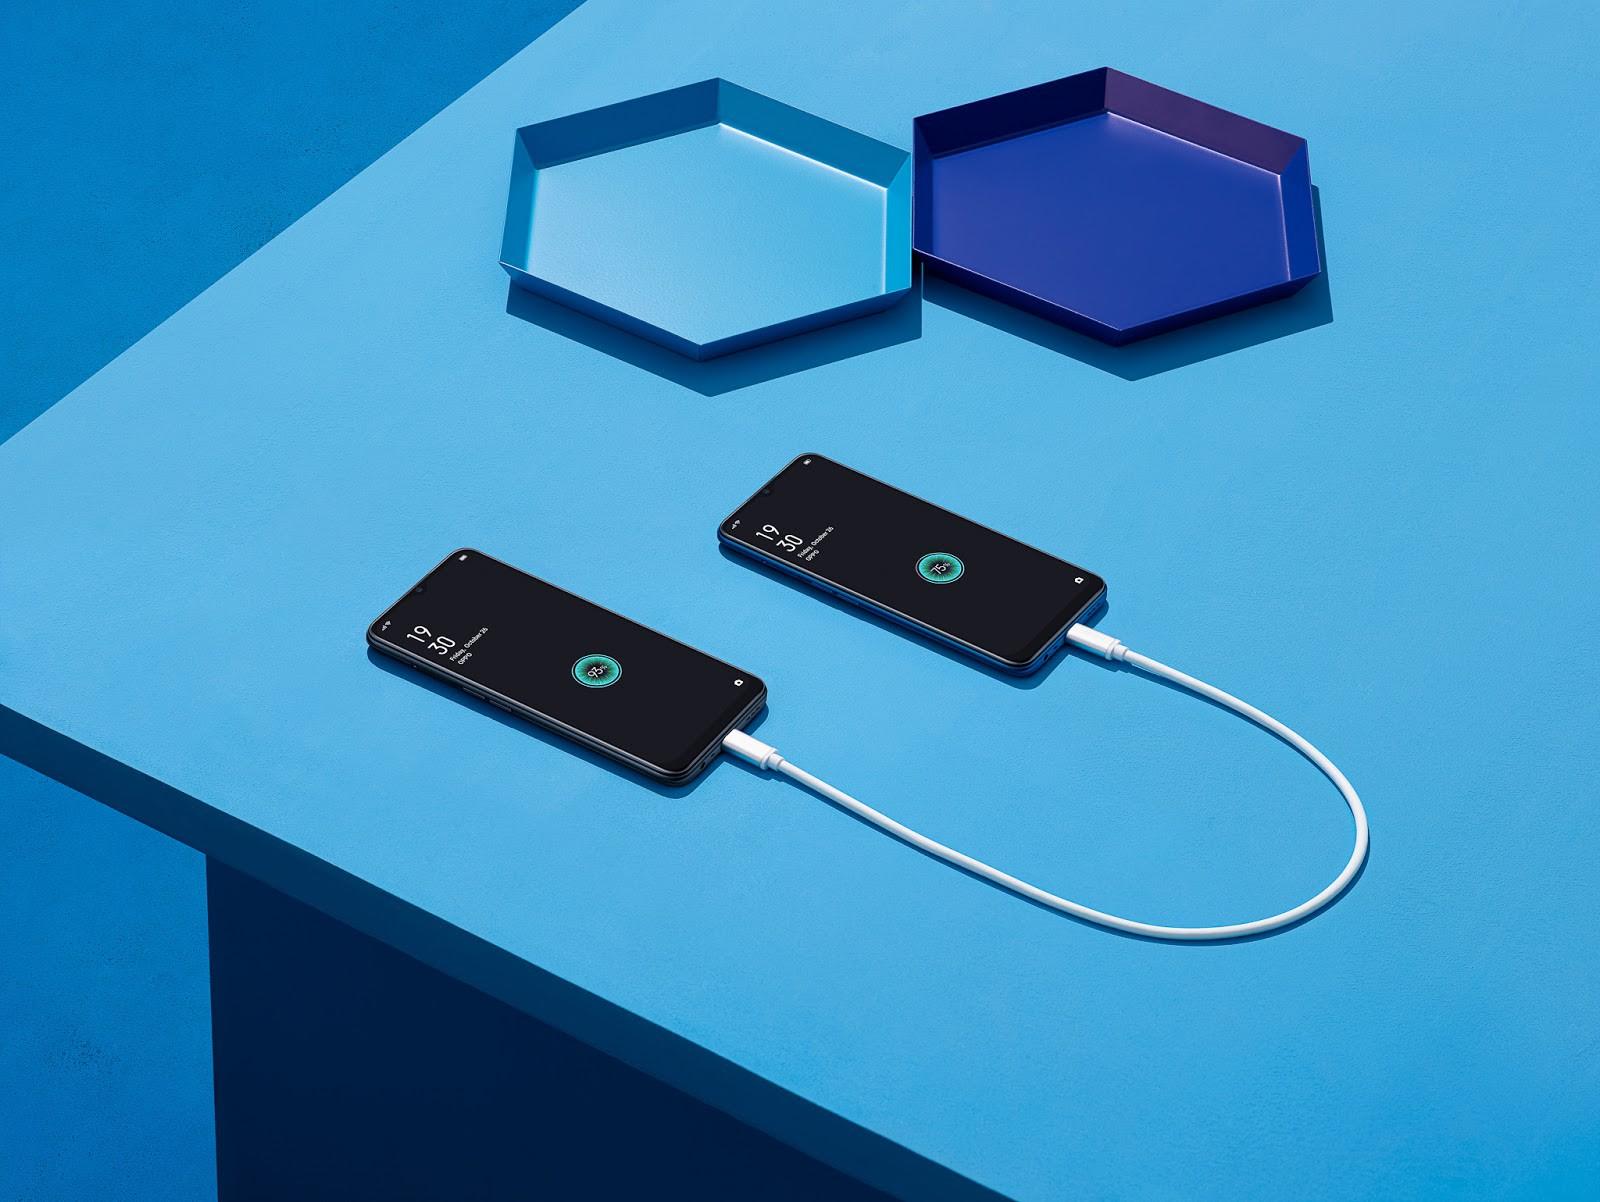 VZN News: Smartphone tầm trung OPPO A9 2020 sẽ mang đến những trải nghiệm tối đa nào với viên pin khủng 5.000 mAh? - Ảnh 6.